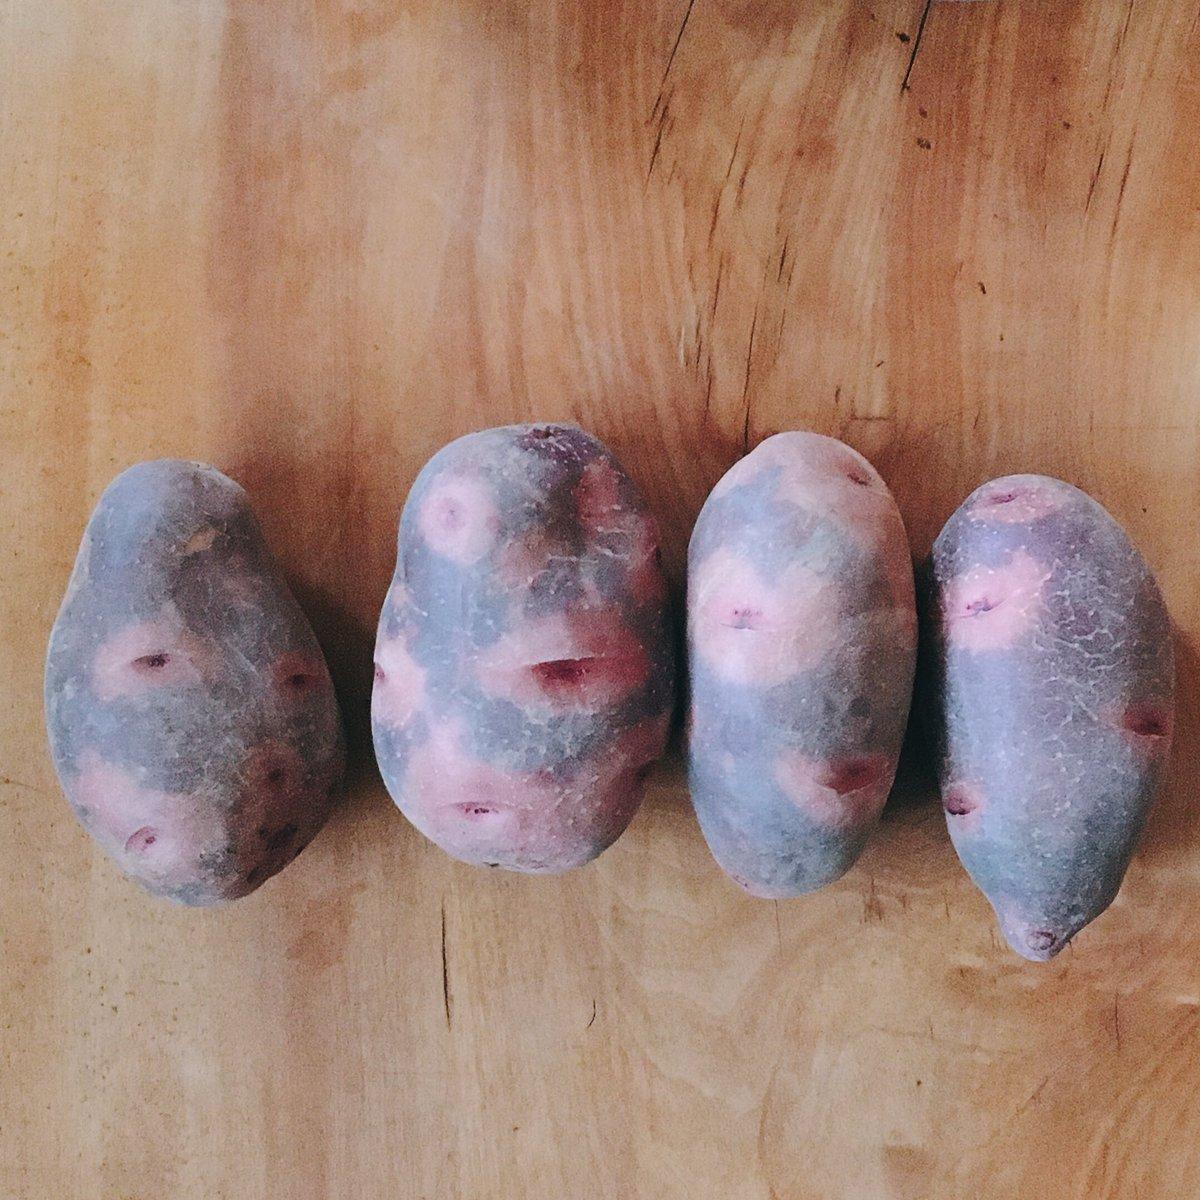 その名も「デストロイヤー」!三方原産のジャガイモの名前だよ!元ネタ分かる人はいますか??